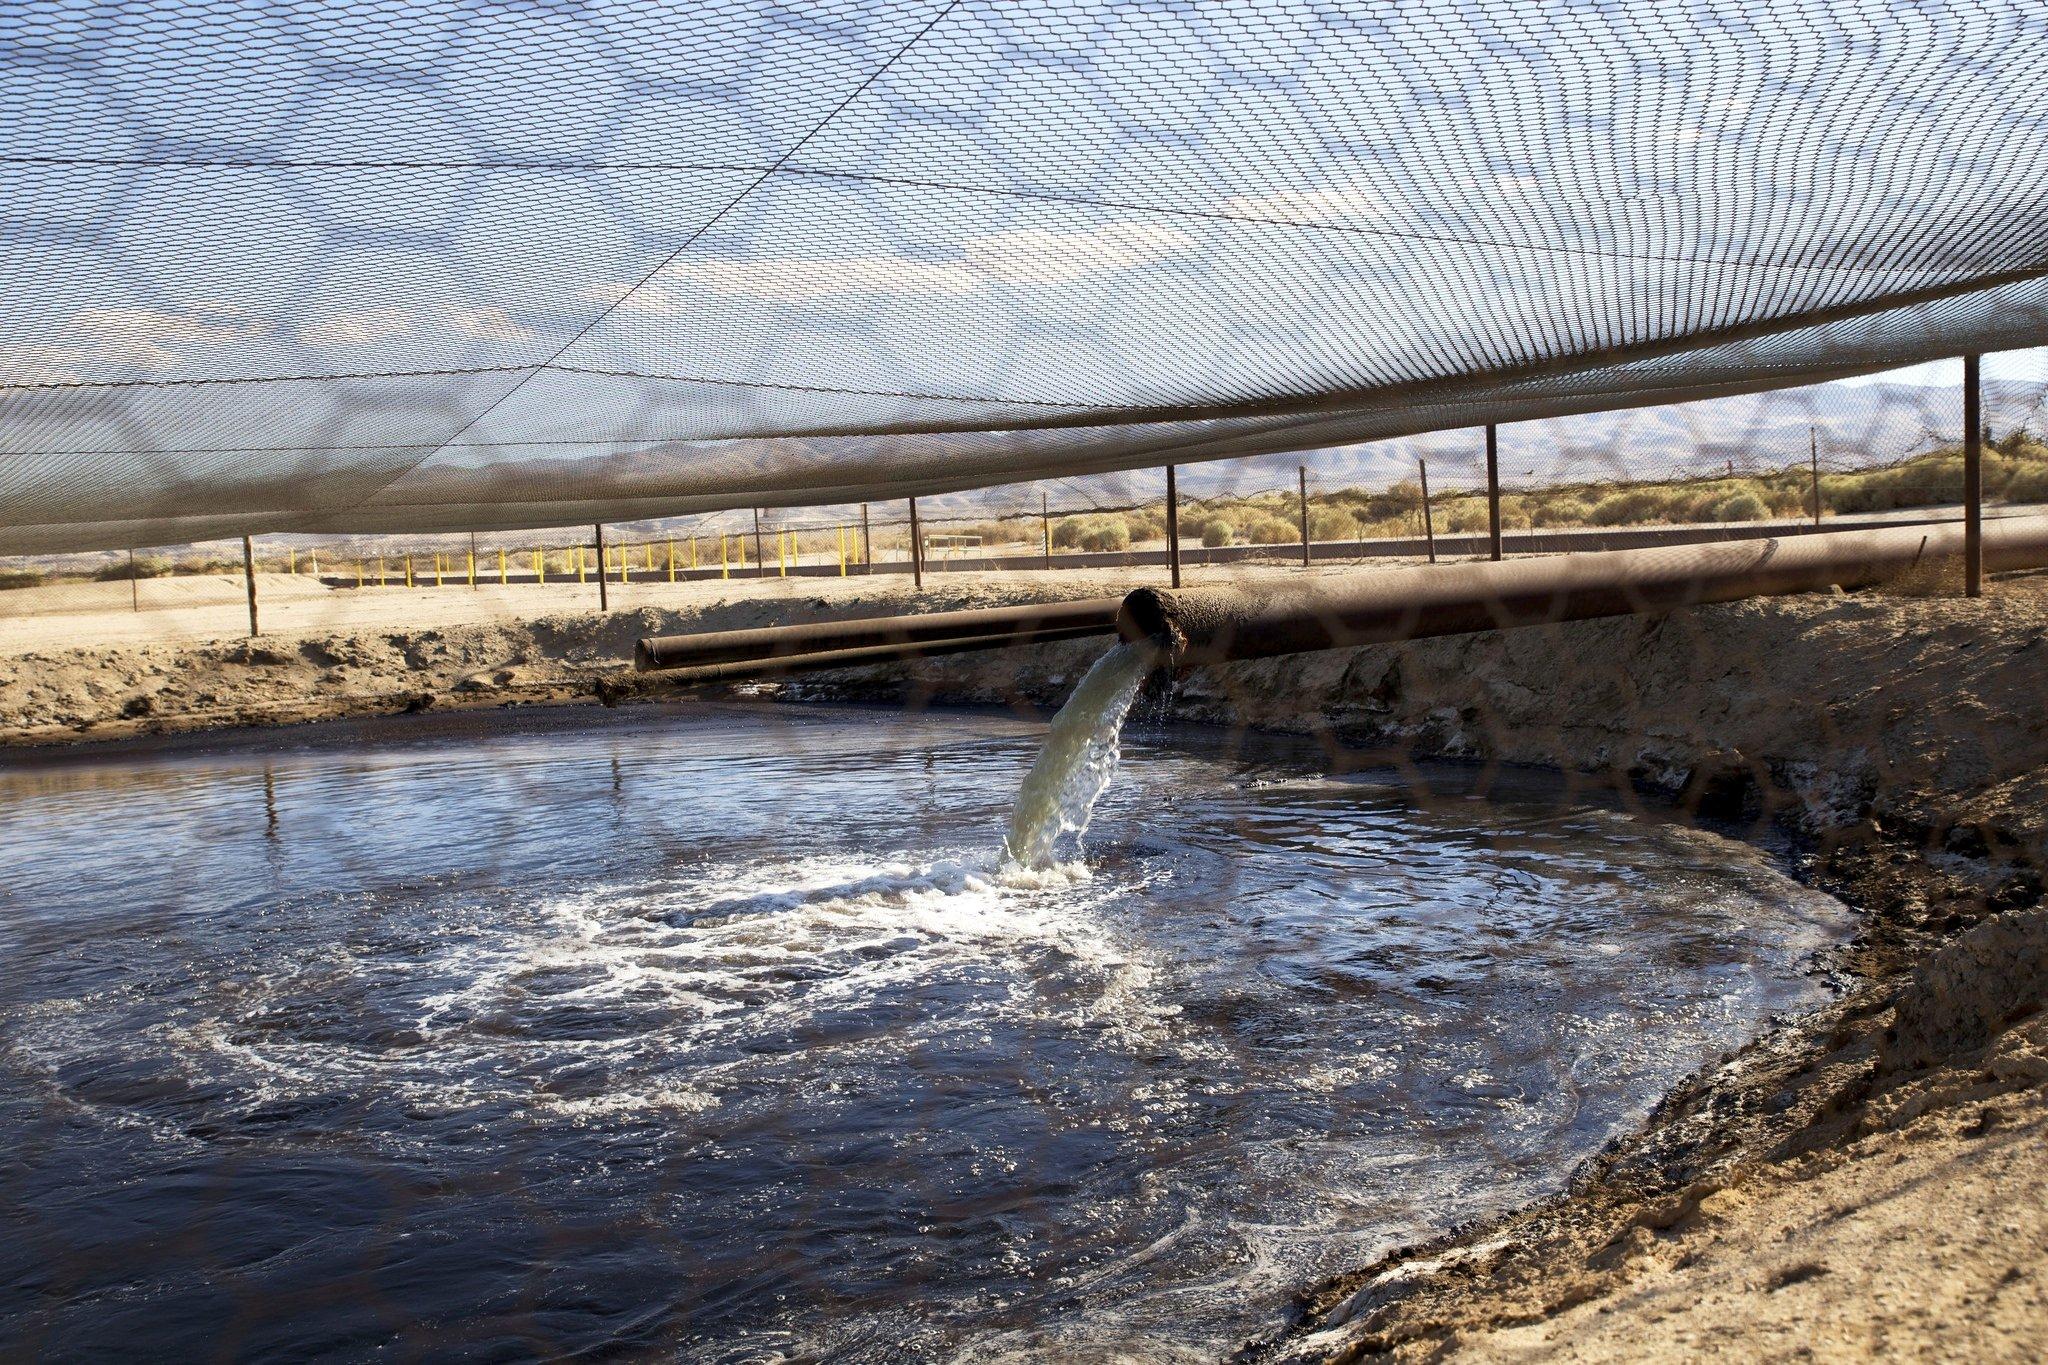 Die Chemikalien, die für die Fracking-Technik ins Erdreich gepresst werden, kommen wieder an die Oberfläche und werden wie hier in Kern County inKalifornien auch in offenen Teichen aufgefangen. Beim Weg aus den Tiefen der Erde an die Oberfläche könnten die Chemikalien durch Undichtigkeiten ins Trinkwasser geraten.